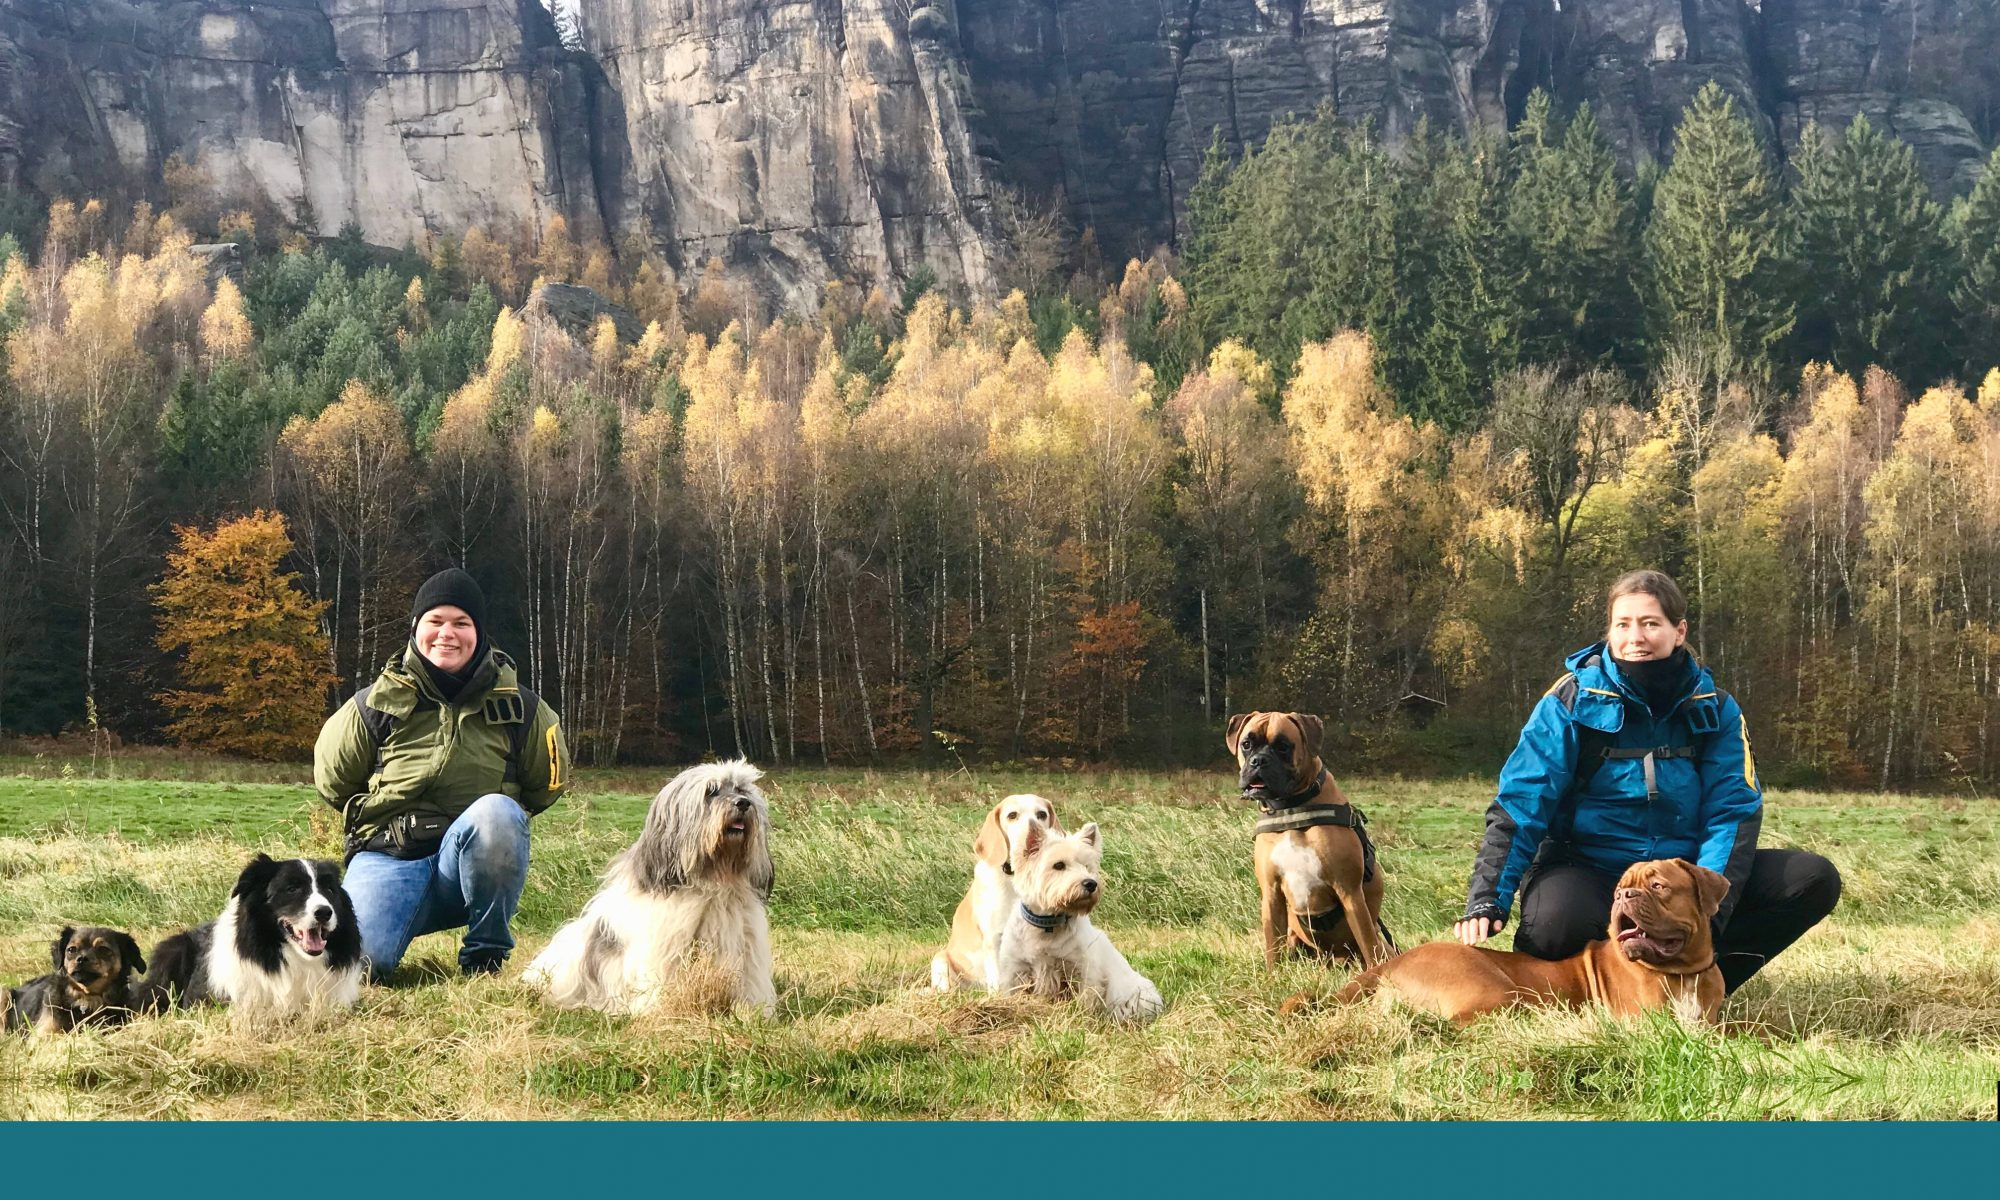 Hundeschule -hundorado